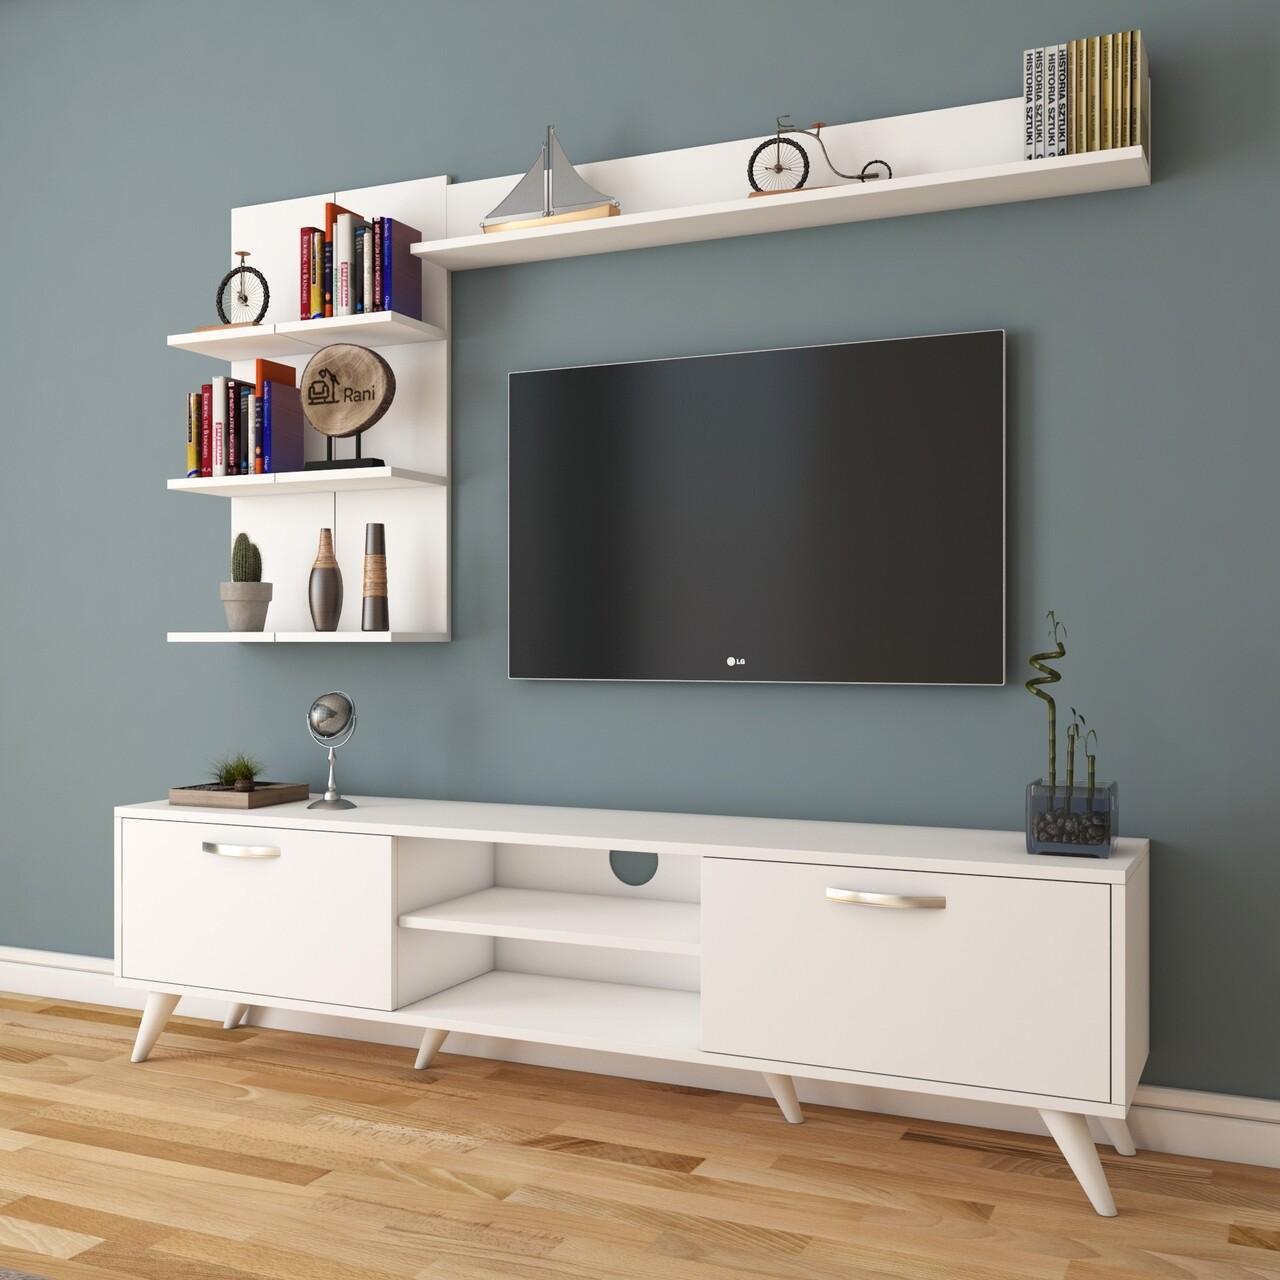 Comoda TV cu 3 rafturi de perete M41 - 310, Wren, 180 x 35 x 48.6 cm/90 cm/133 cm, white